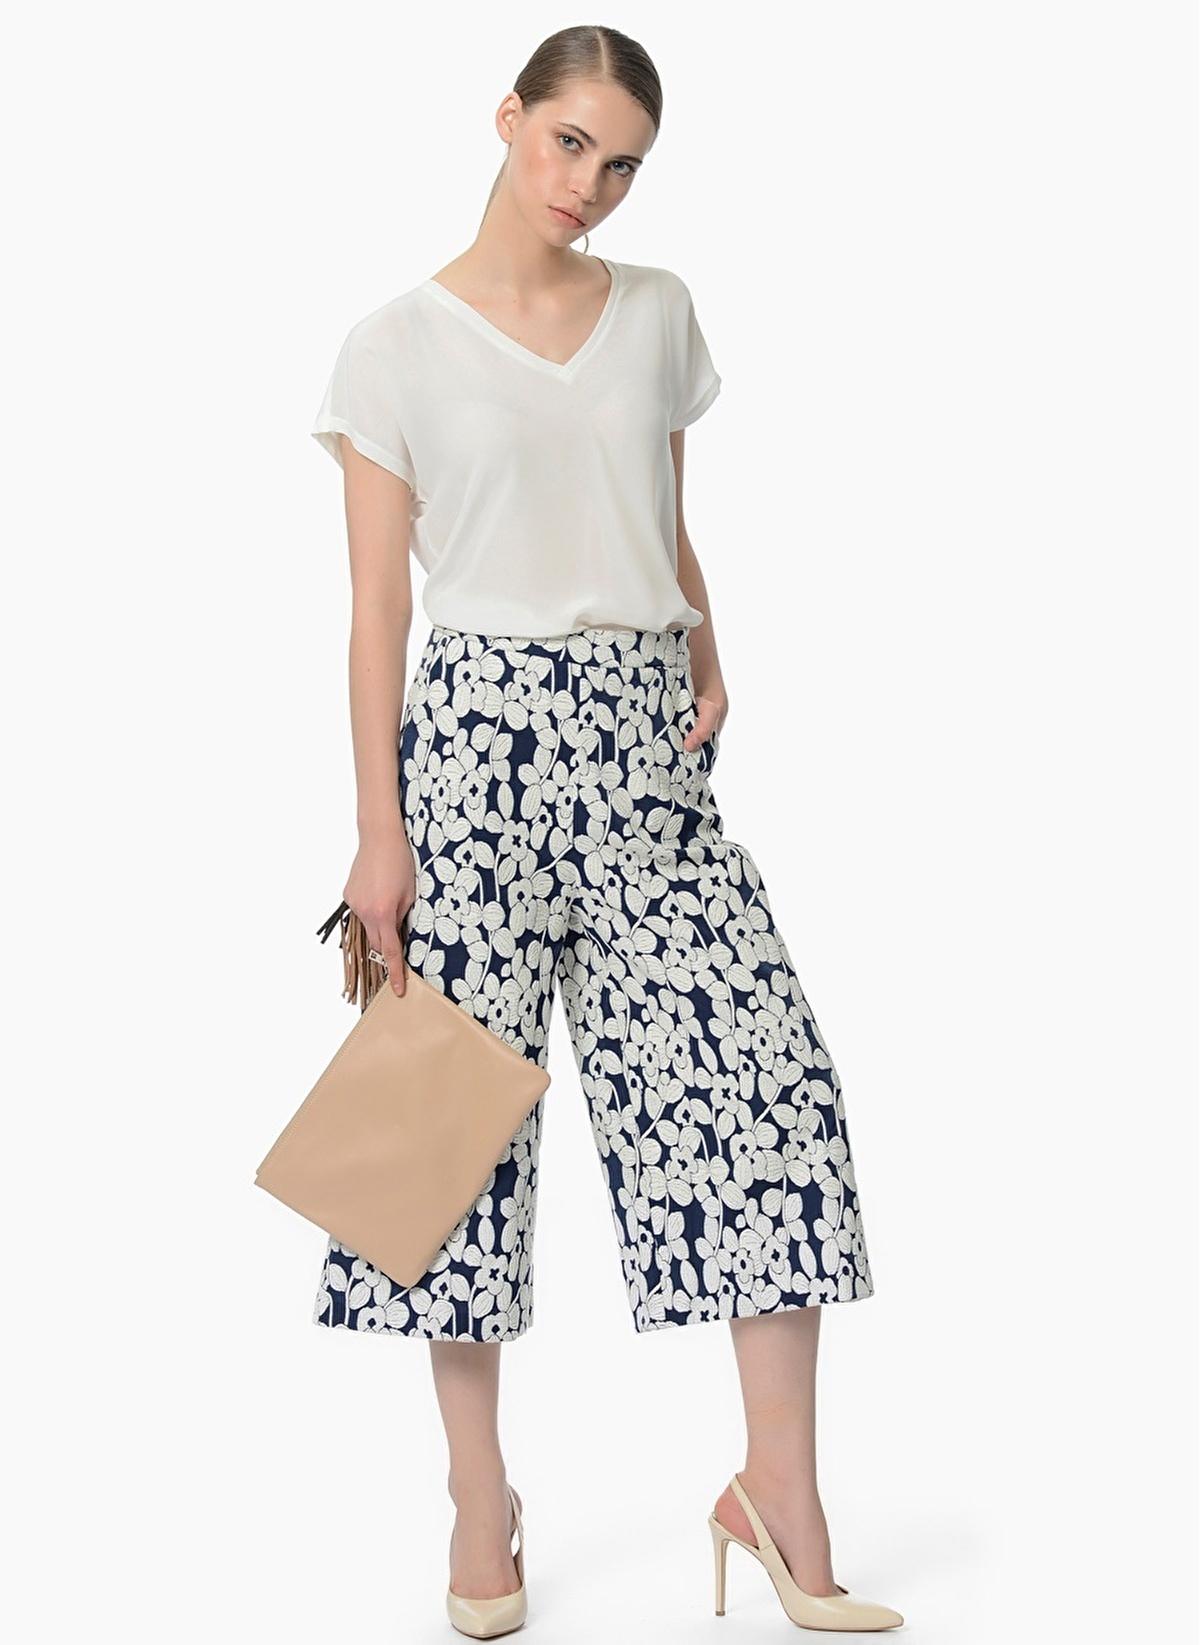 8f8bd7a43f9b2 NetWork Kadın Desenli Kapri Pantolon Lacivert-Beyaz | Morhipo | 18377551